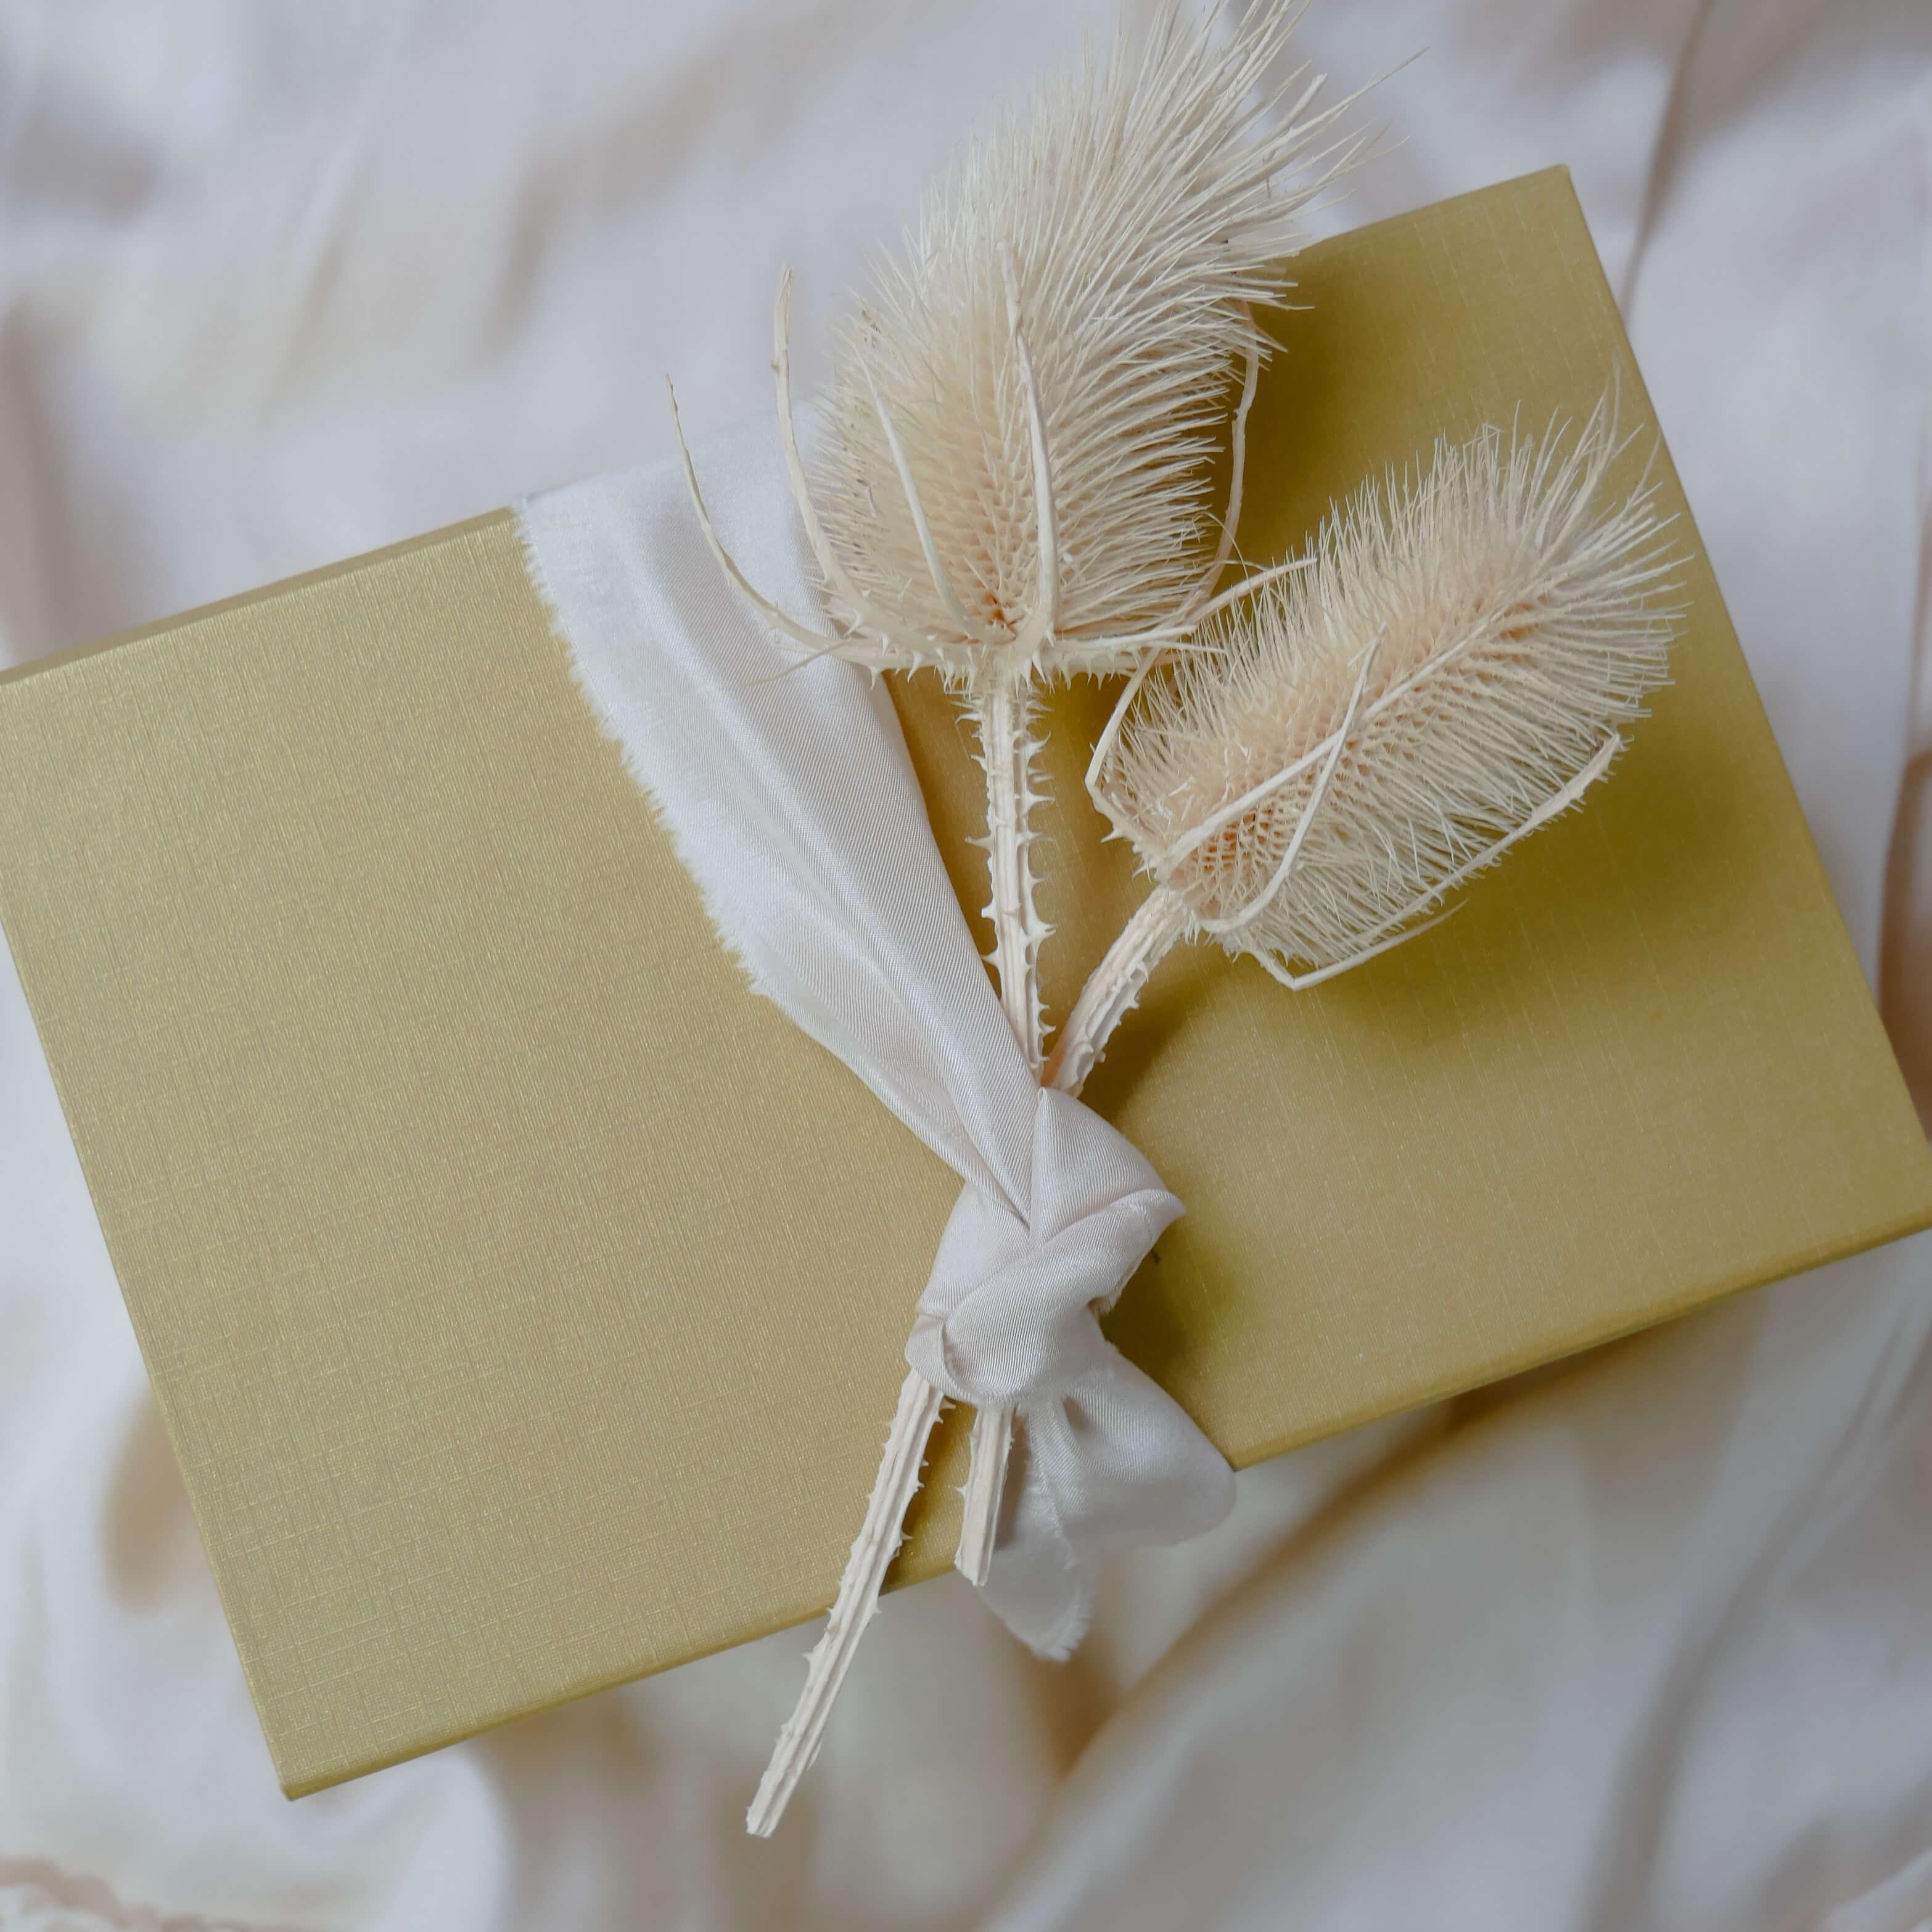 Scatola con design minimalista e decorazioni floreali